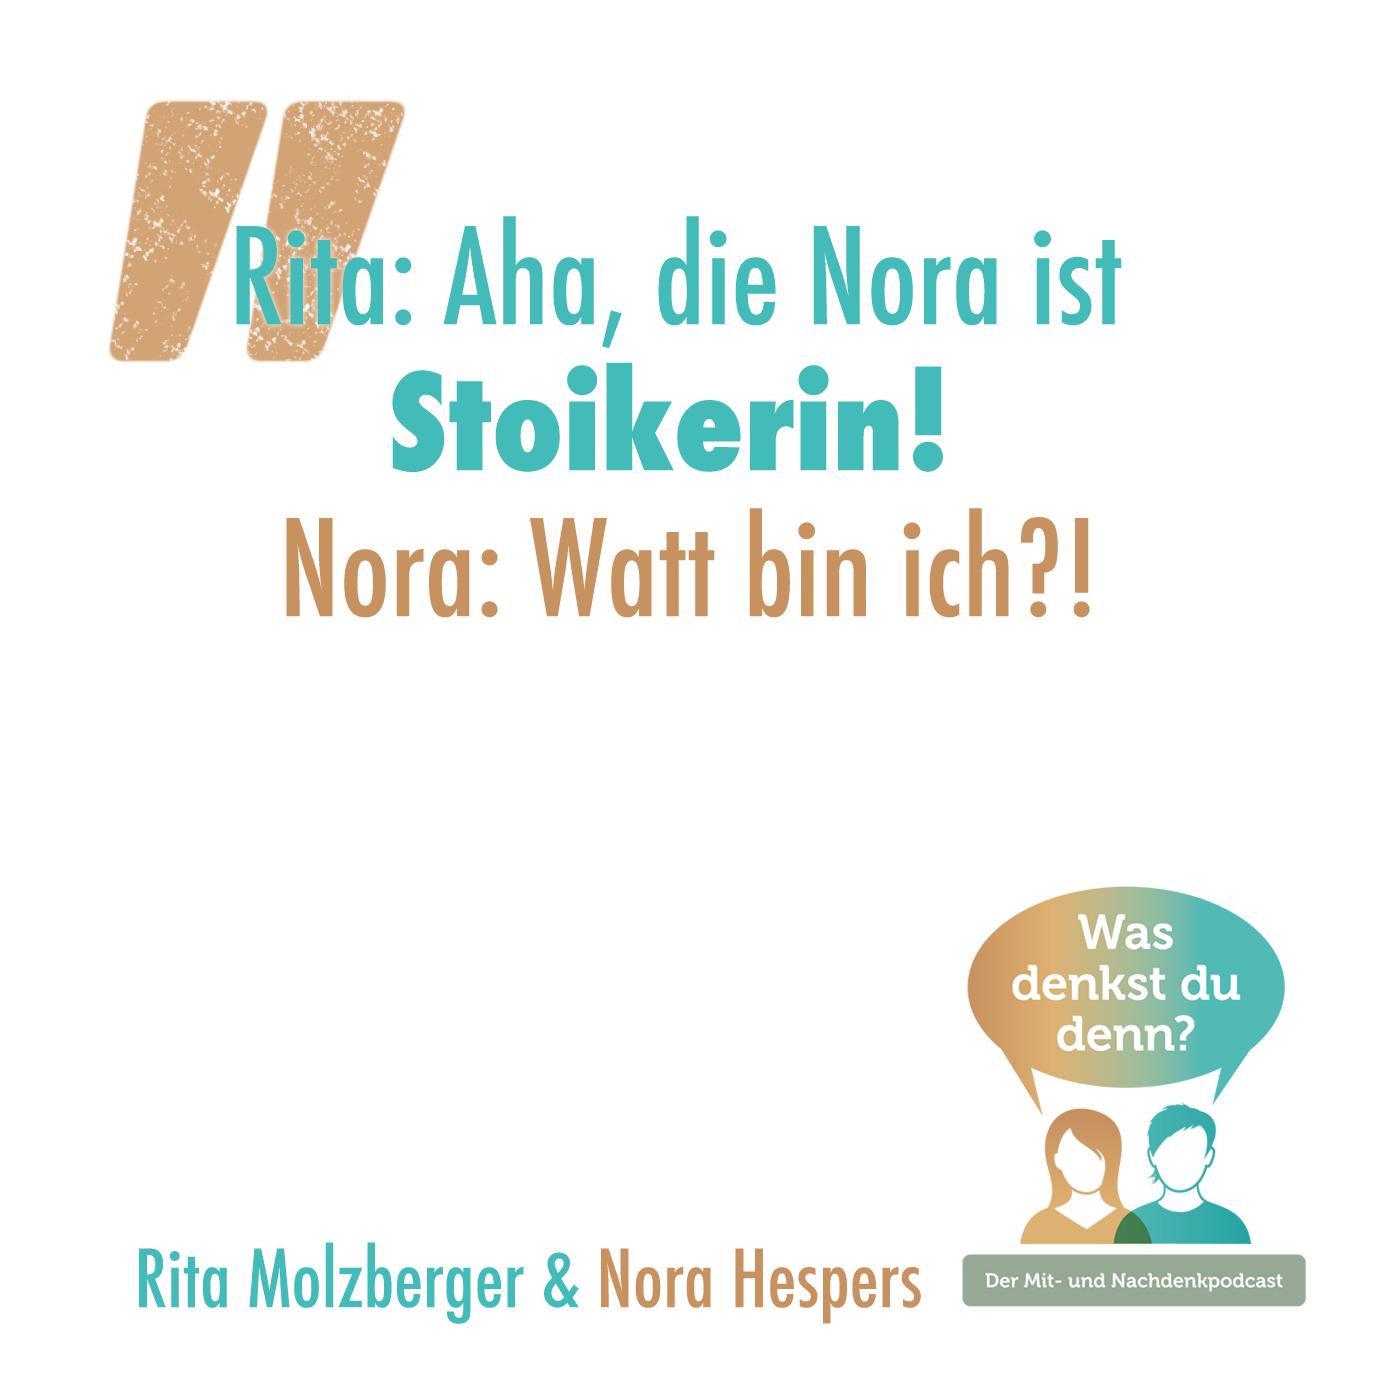 Rita stellt fest: Aha die Nora ist Stoikerin. Nora antwortet: Watt bin ich?